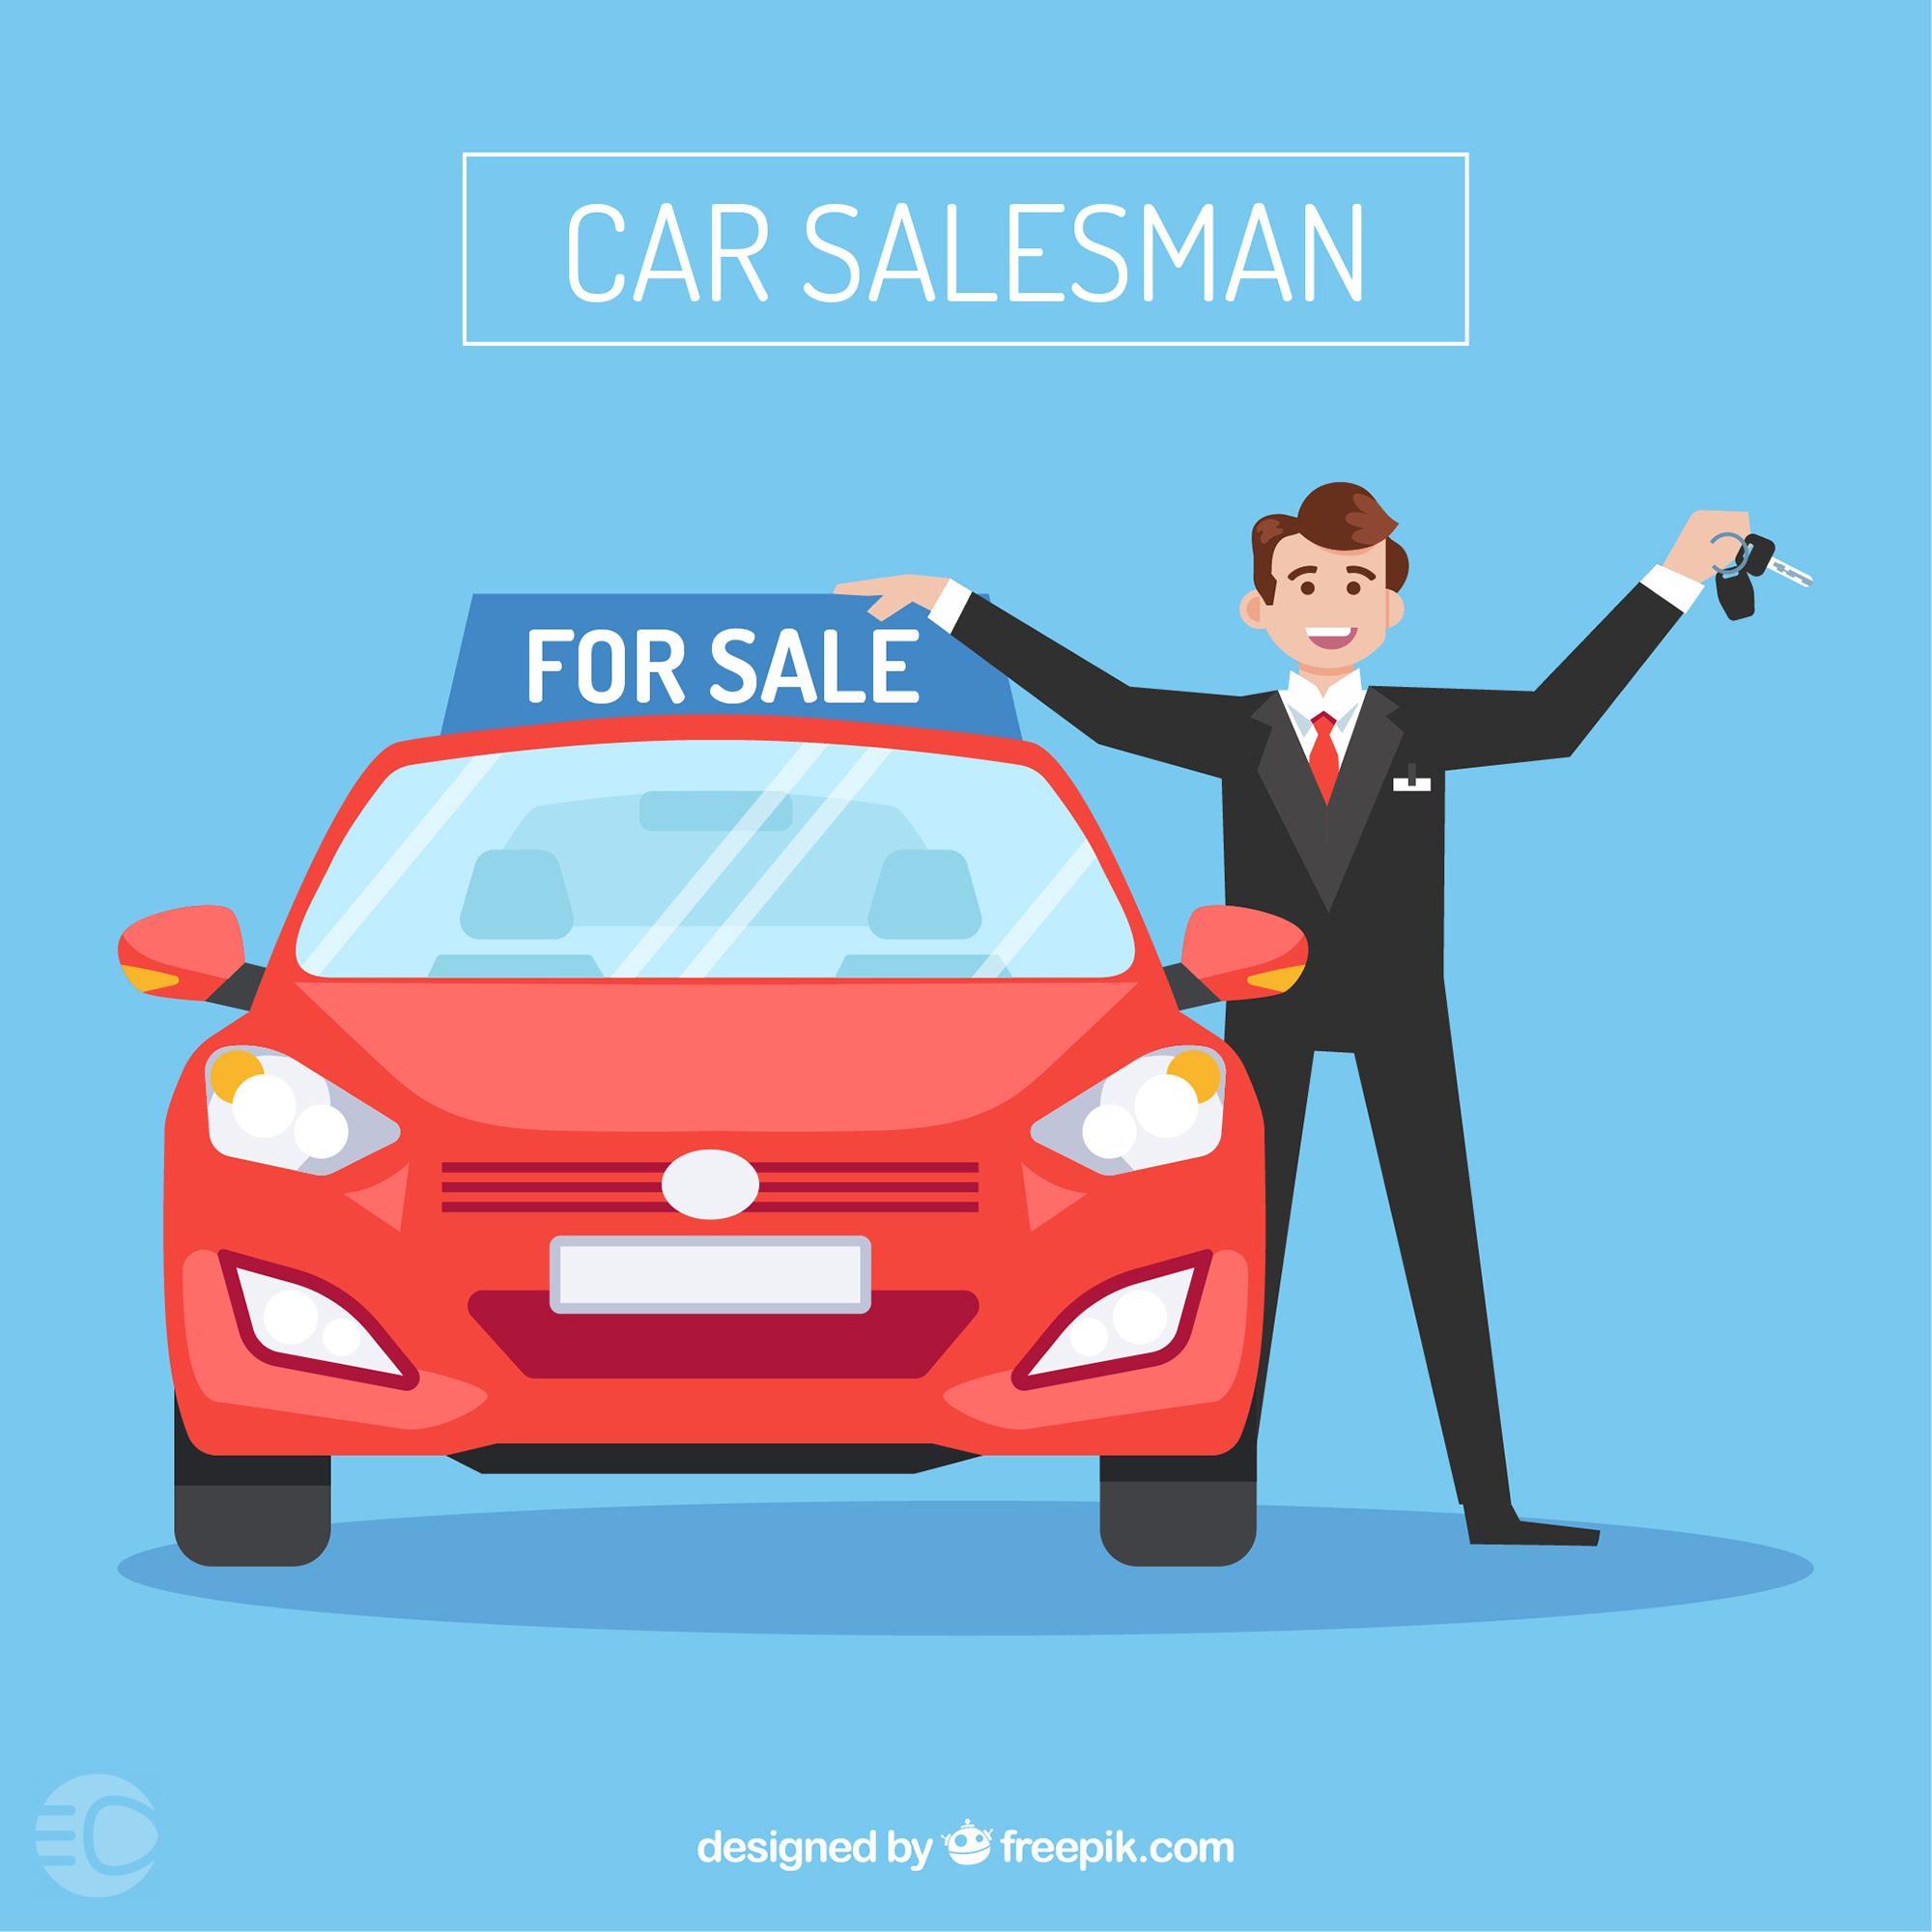 نکات حقوقی مهم خرید و فروش خودرو